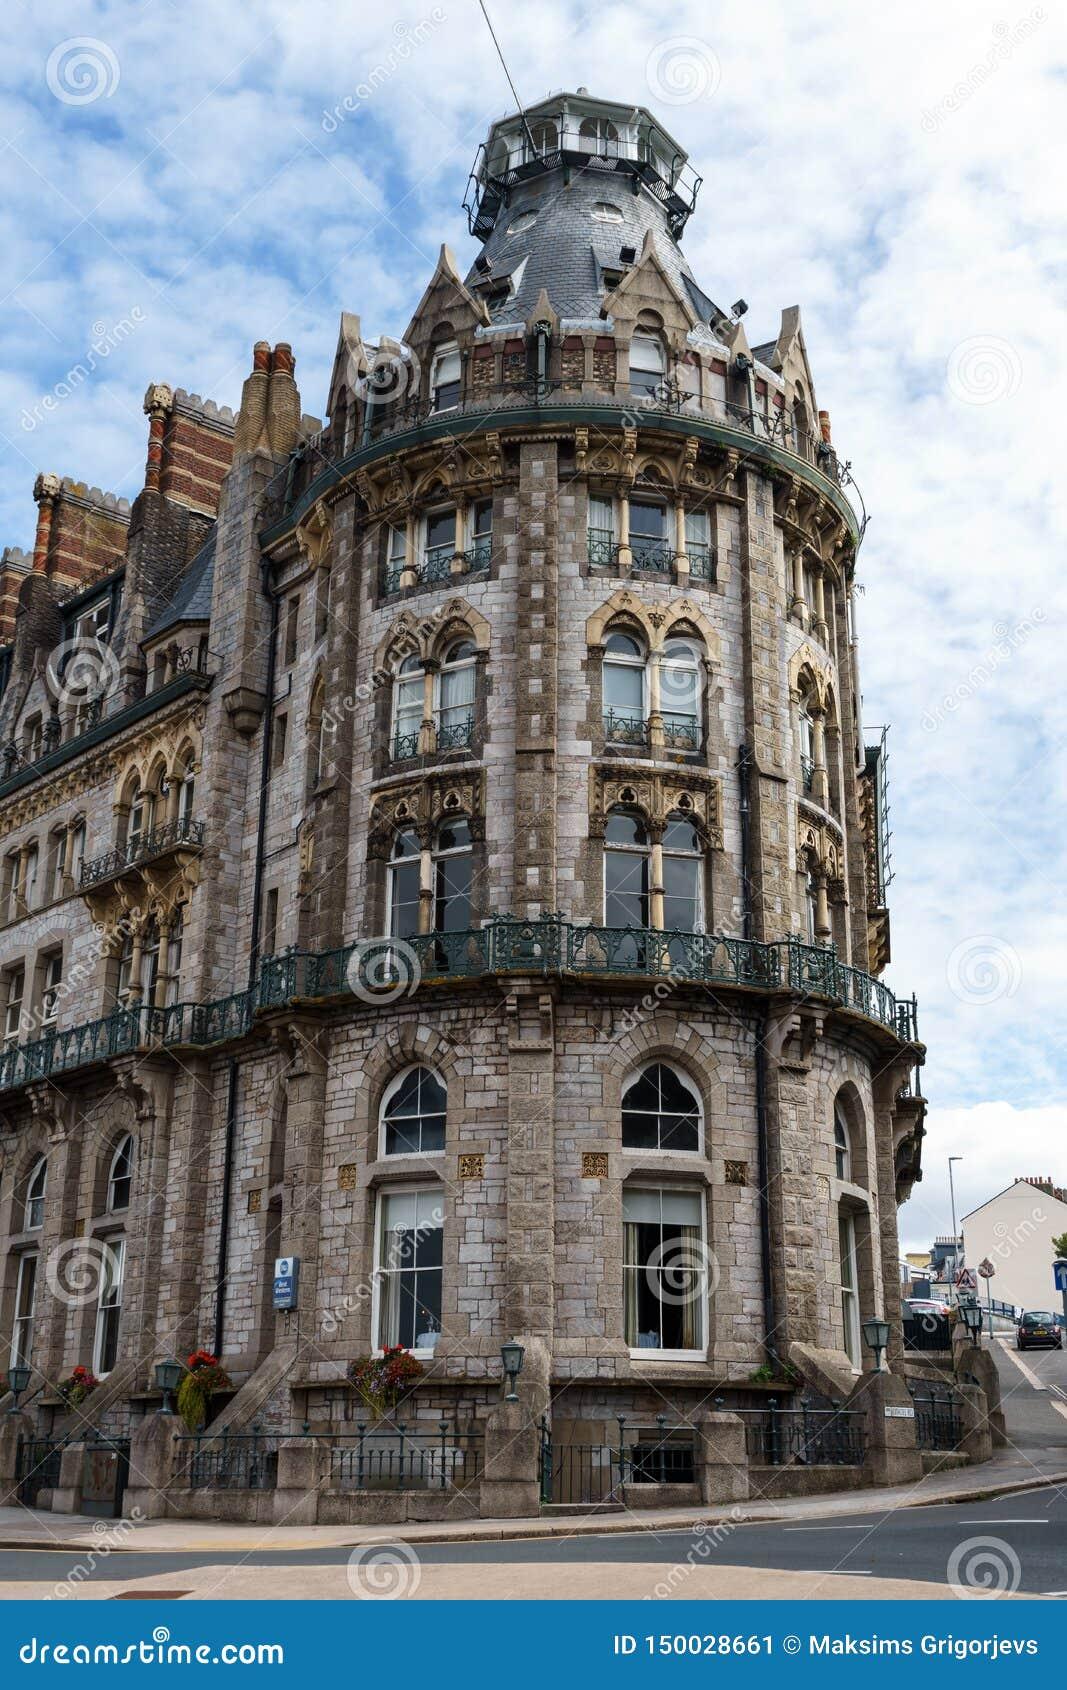 Der Herzog von Cornwall-Hotel, Plymouth, Devon, Vereinigtes Königreich, am 20. August 2018